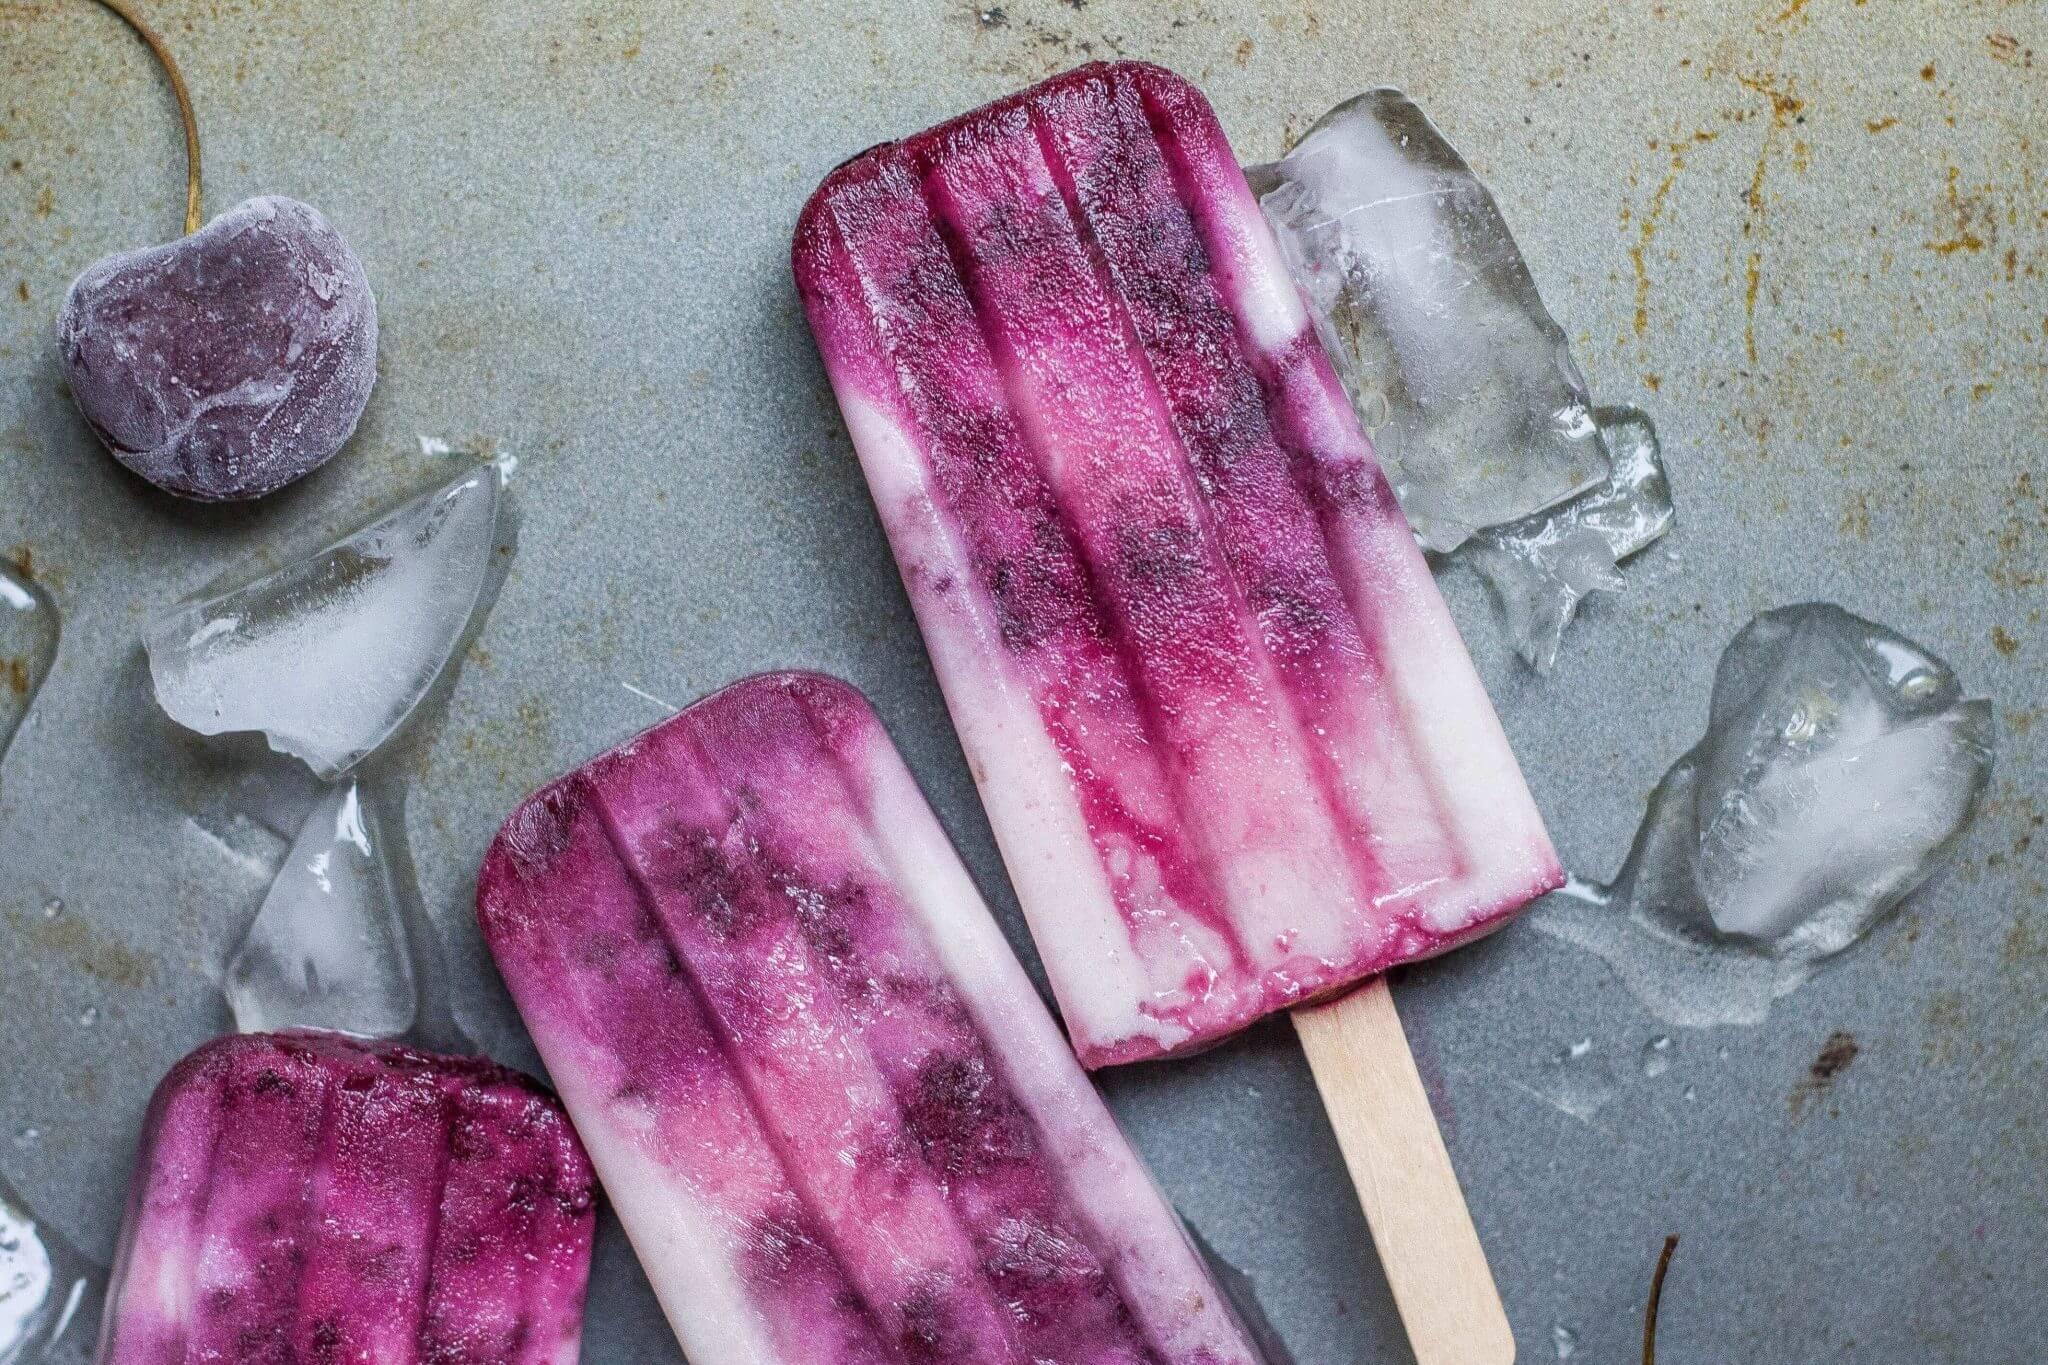 alison marras 361006 unsplash - Vegánska kokosovo-limetková zmrzlina s pečenými čerešňami